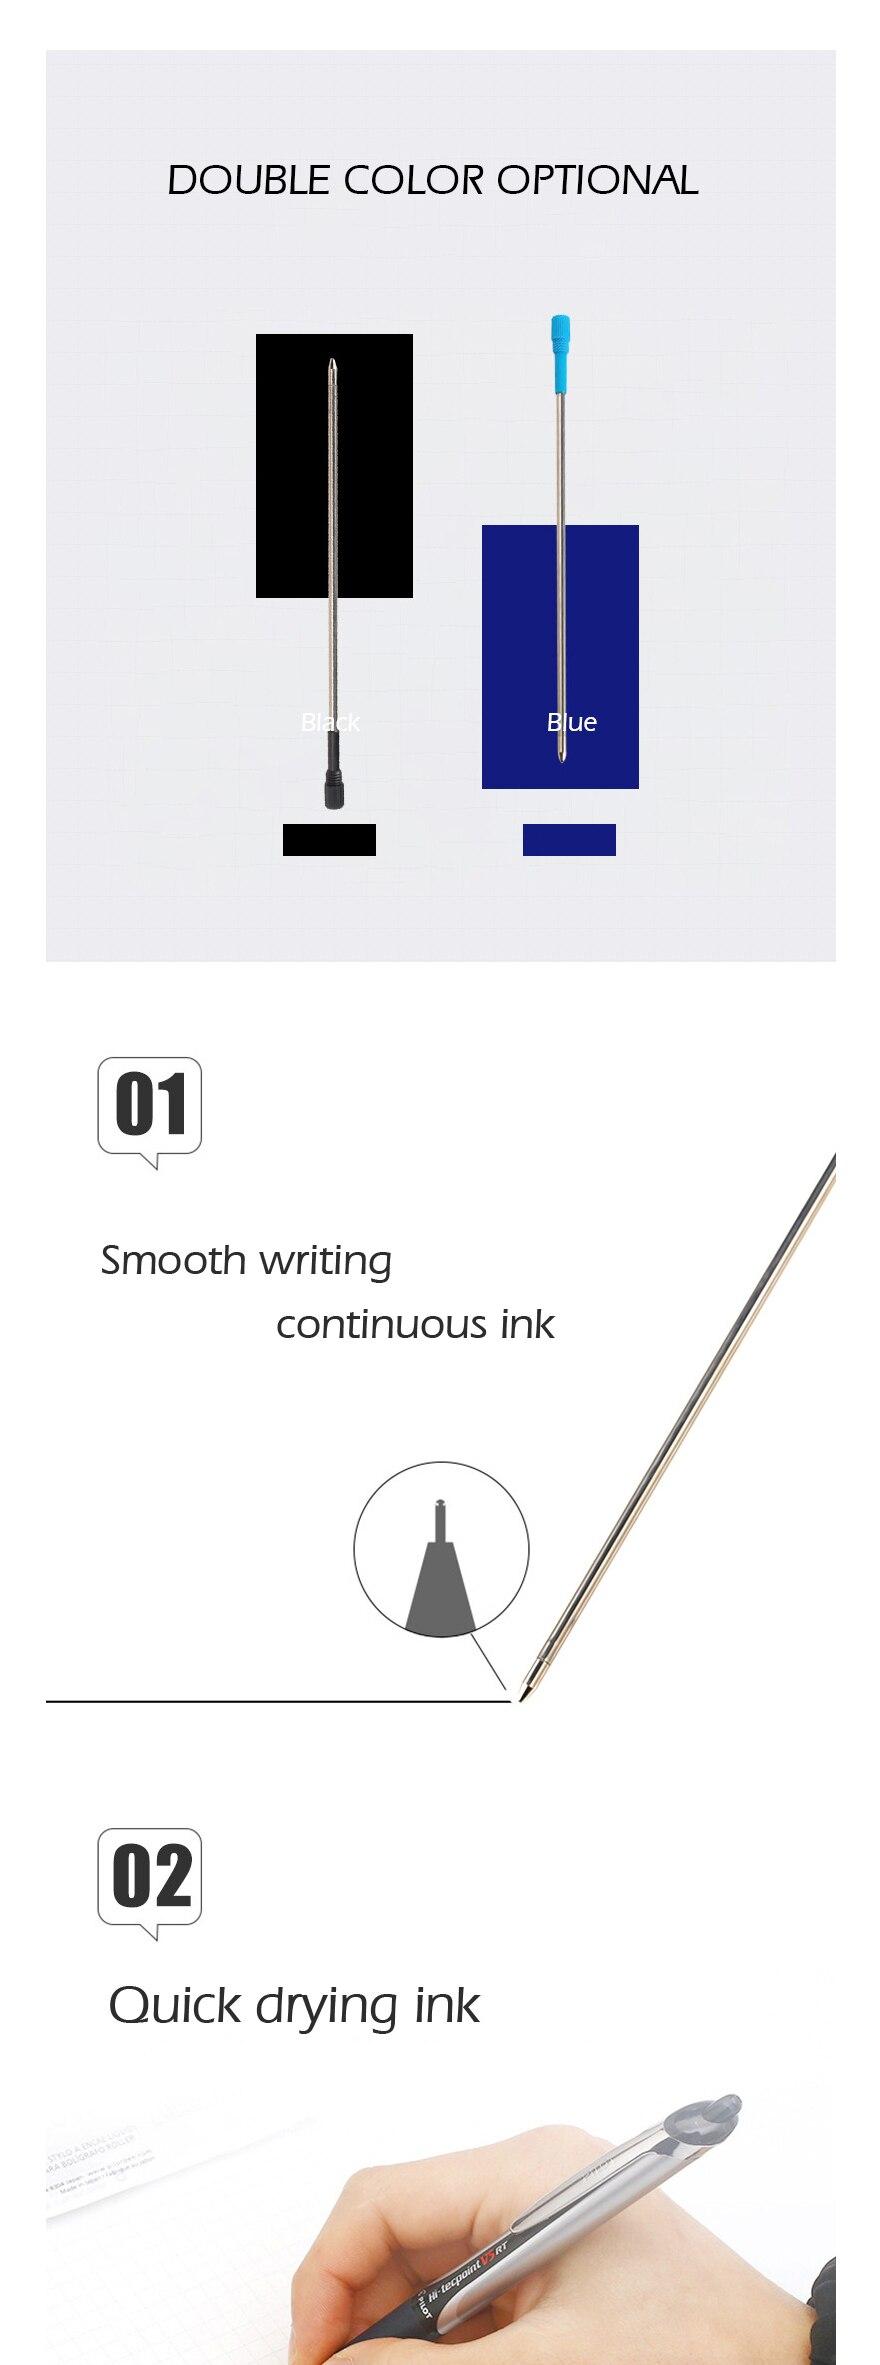 学生文具_学生文具宝石金属笔芯替芯-大钻石-顺滑圆珠笔---阿里巴巴_01